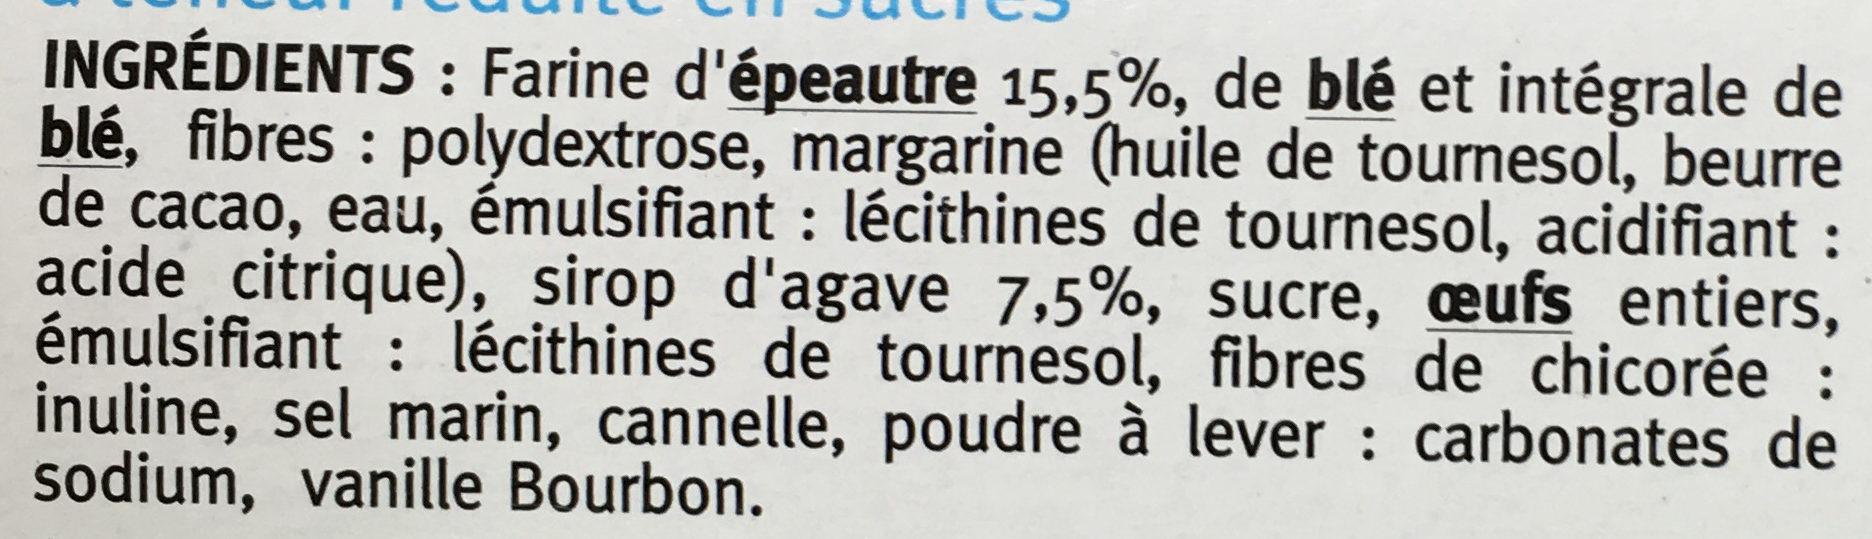 Gaufre Sirop d'Agave à la farine d'épeautre - Ingrédients